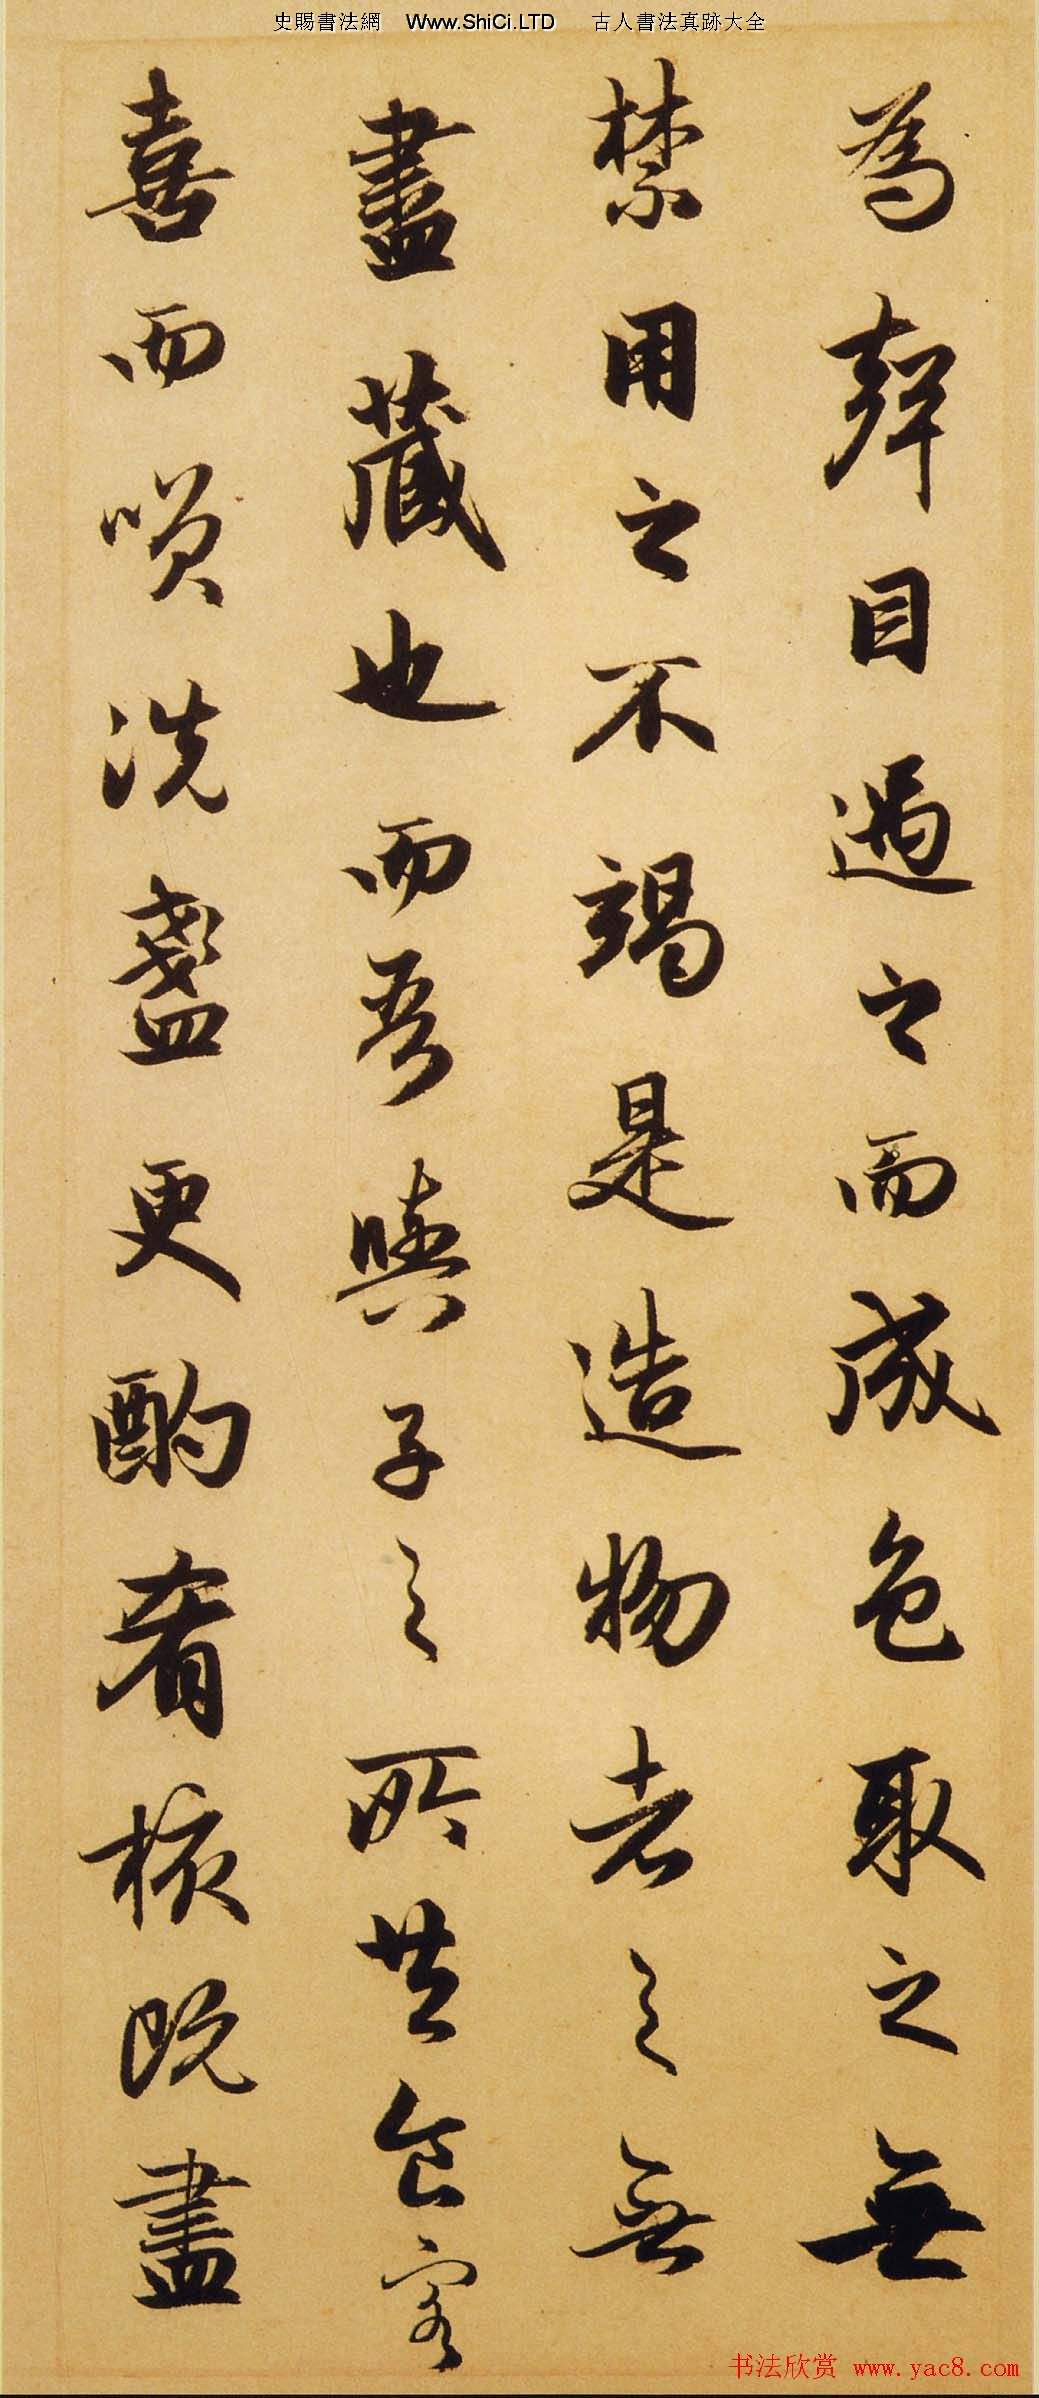 趙孟俯行書欣賞《赤壁二賦帖》高清版